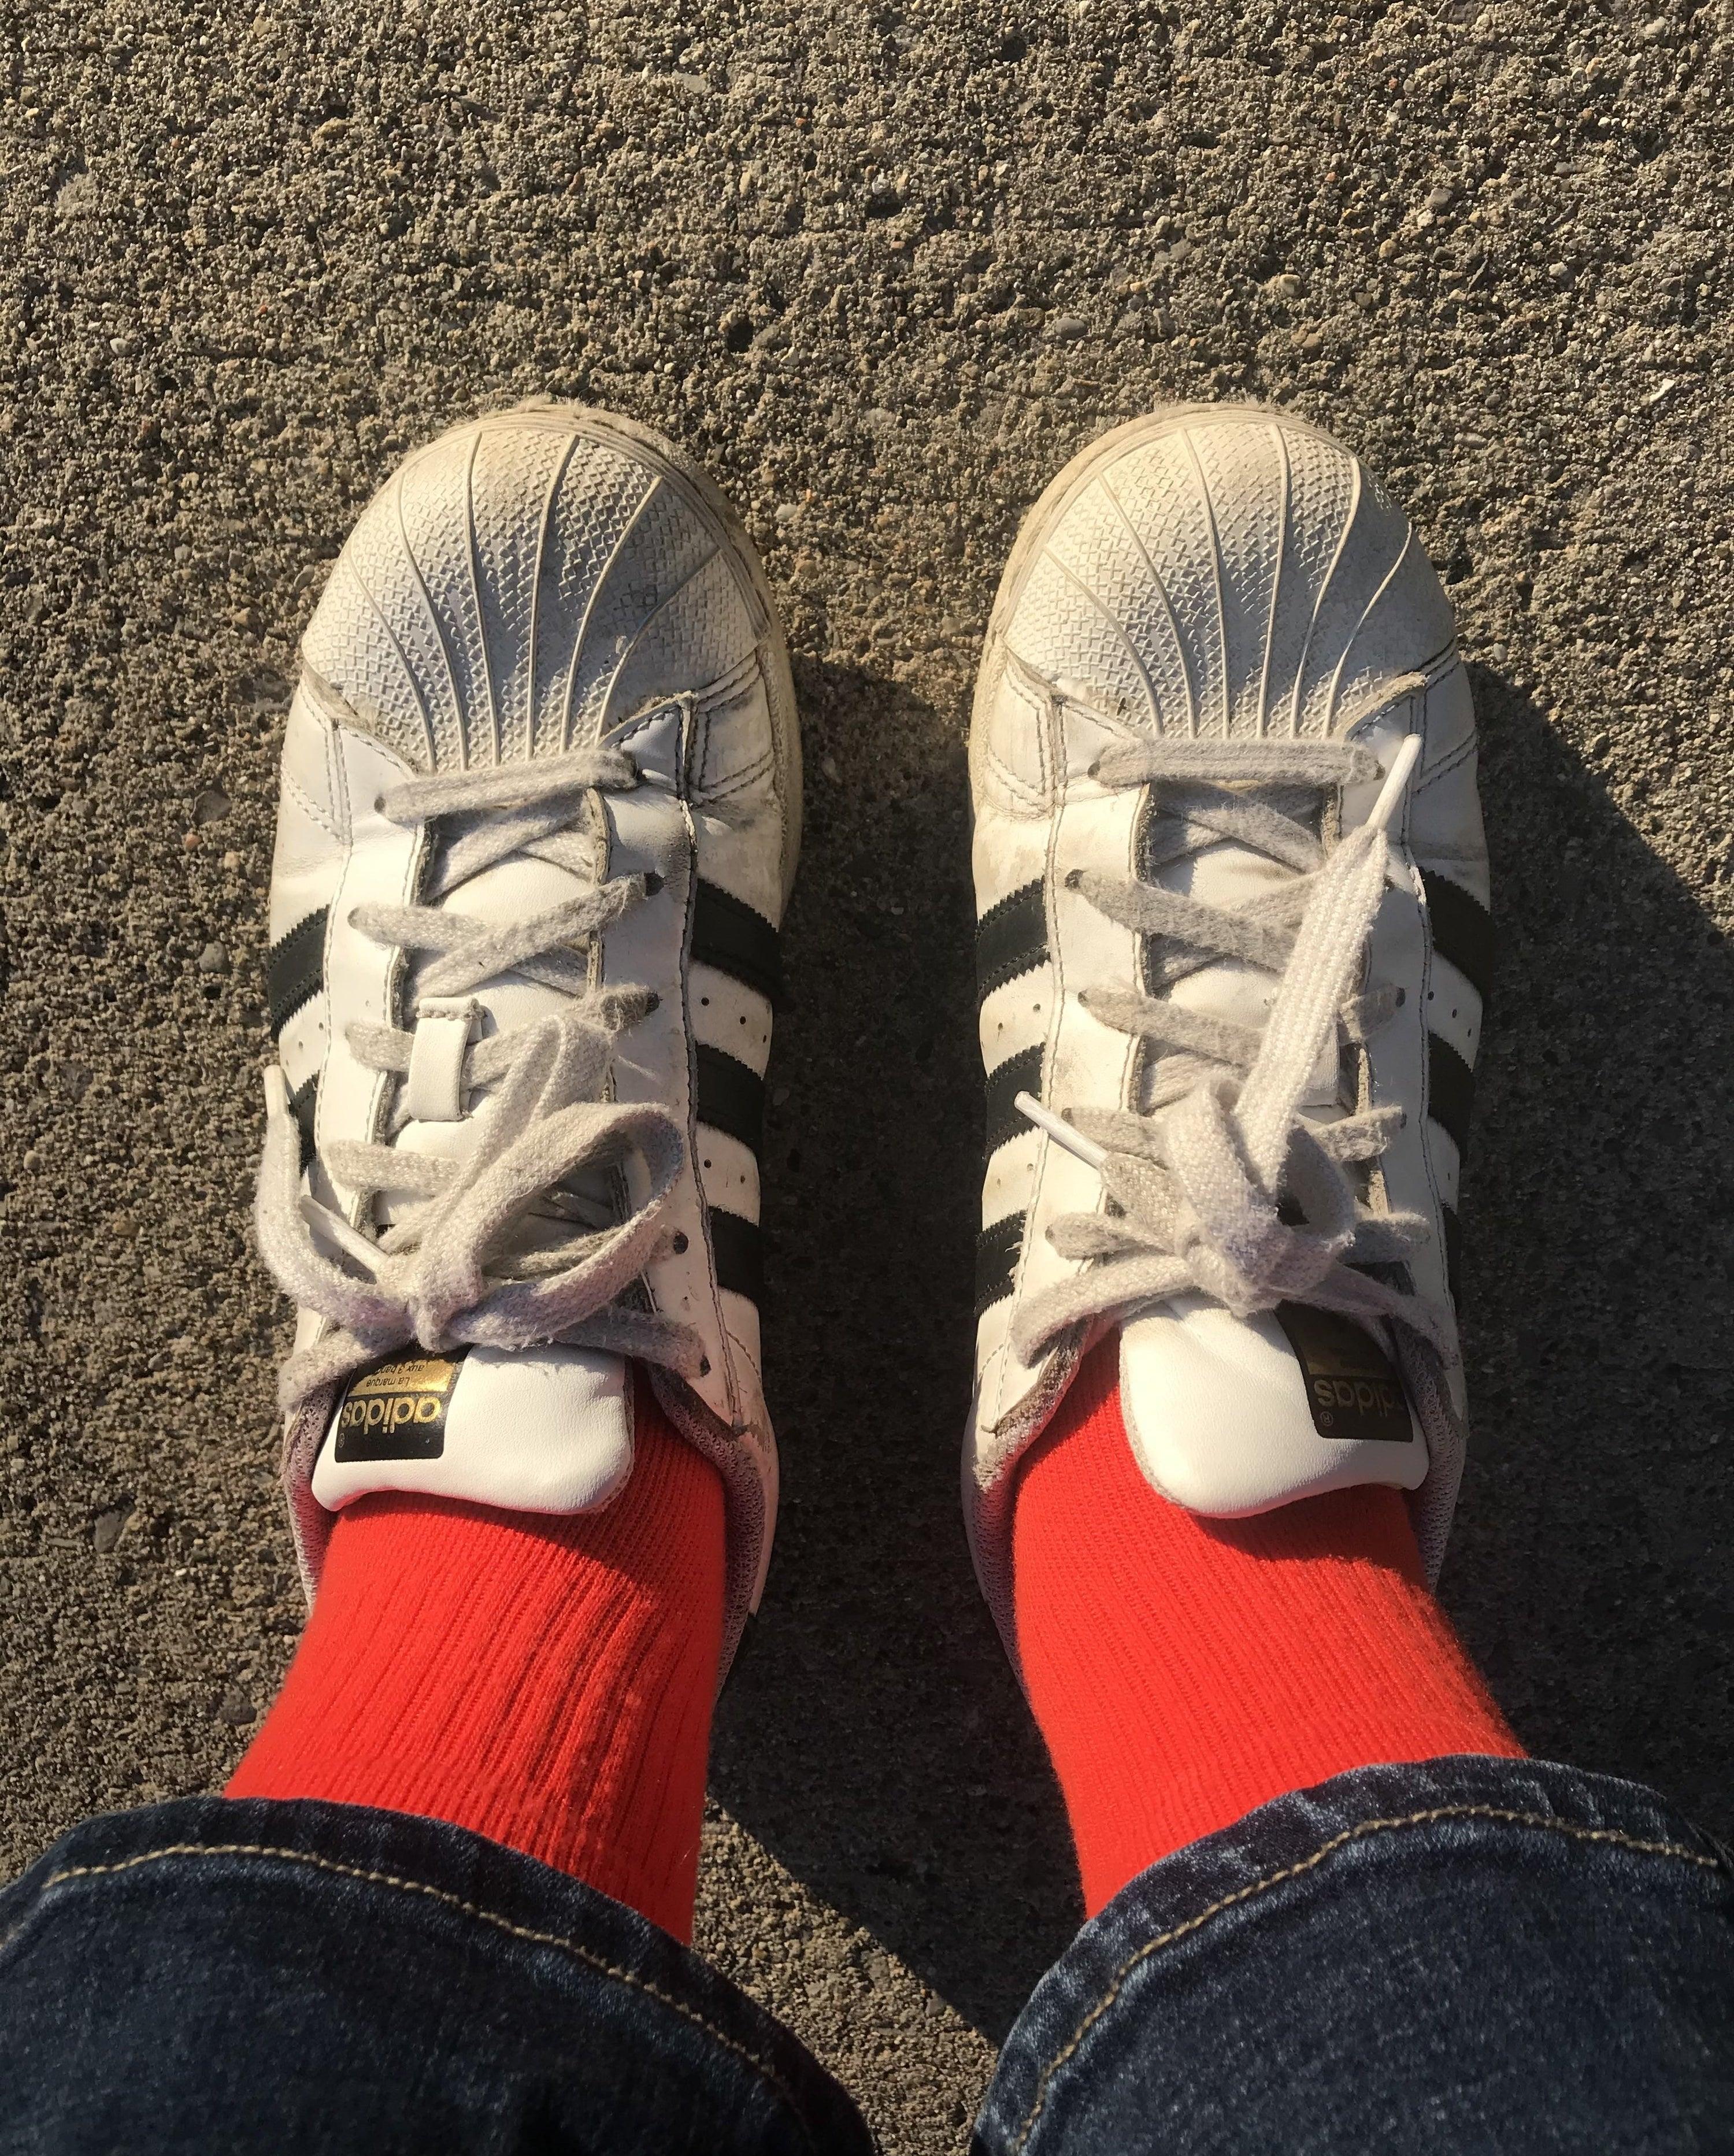 writer wearing worn black and white adidas sneakers